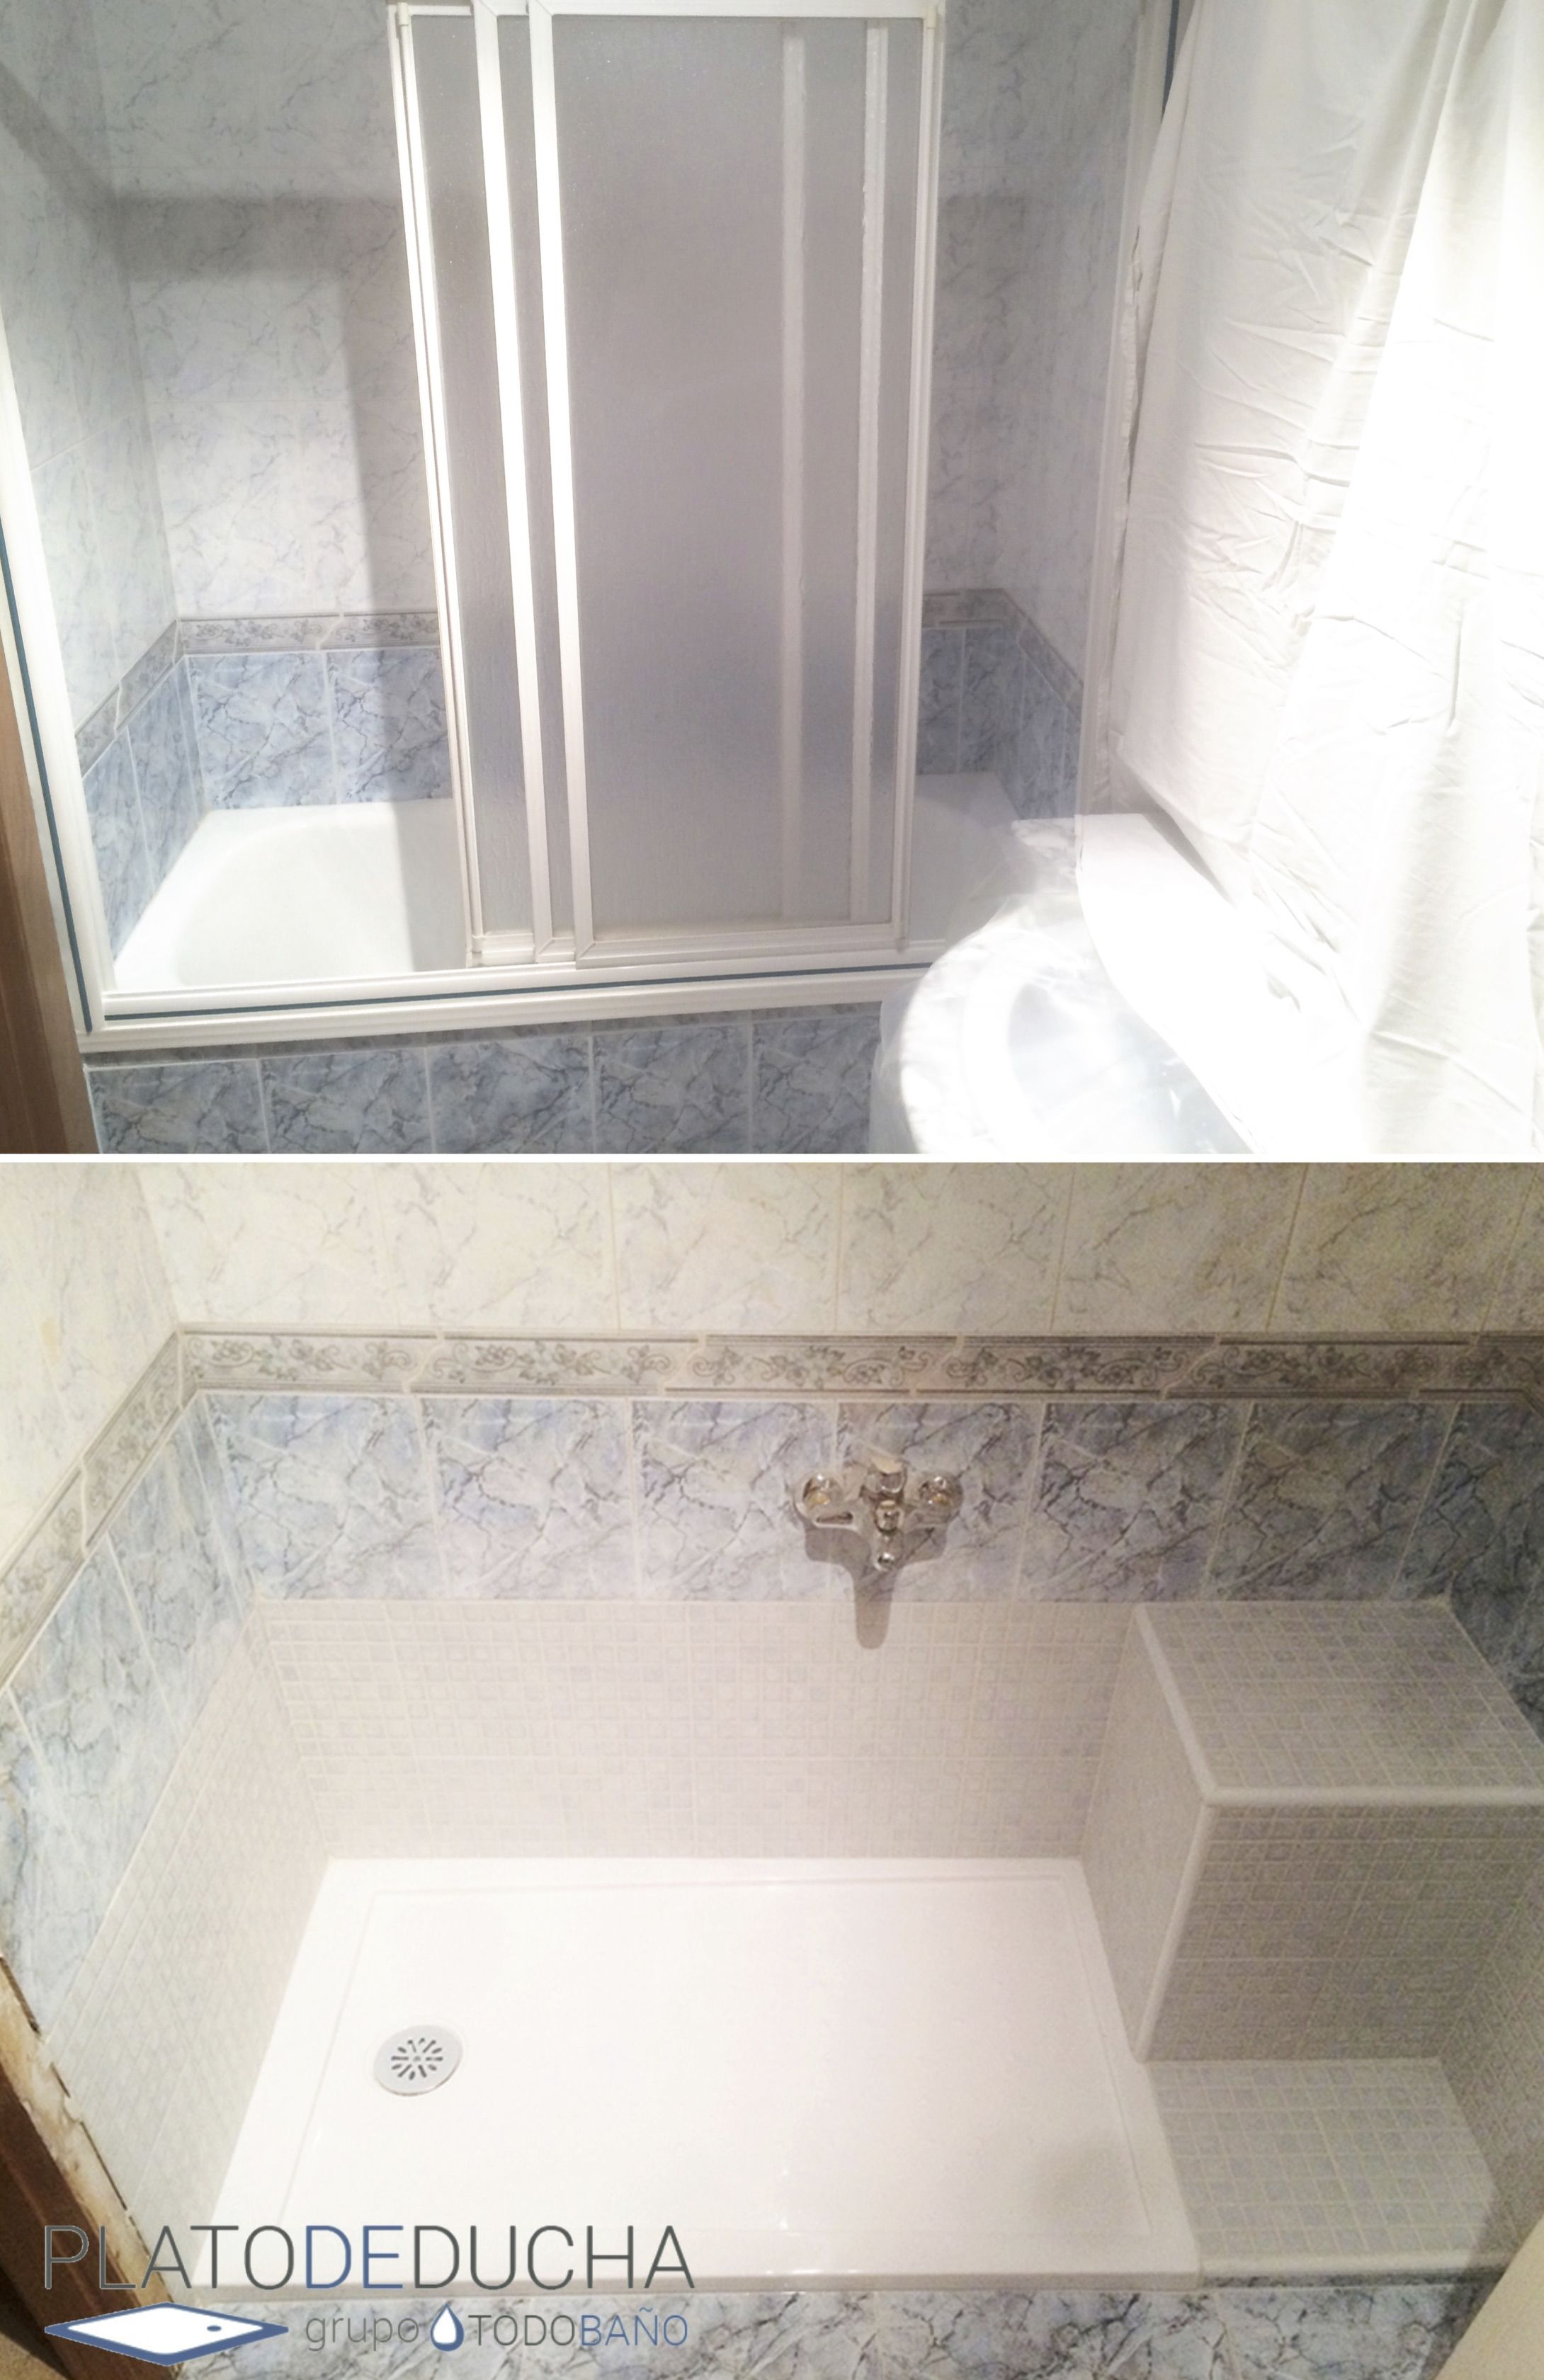 Cambio de ba era por un plato de ducha en el que adem s - Duchas con asiento ...